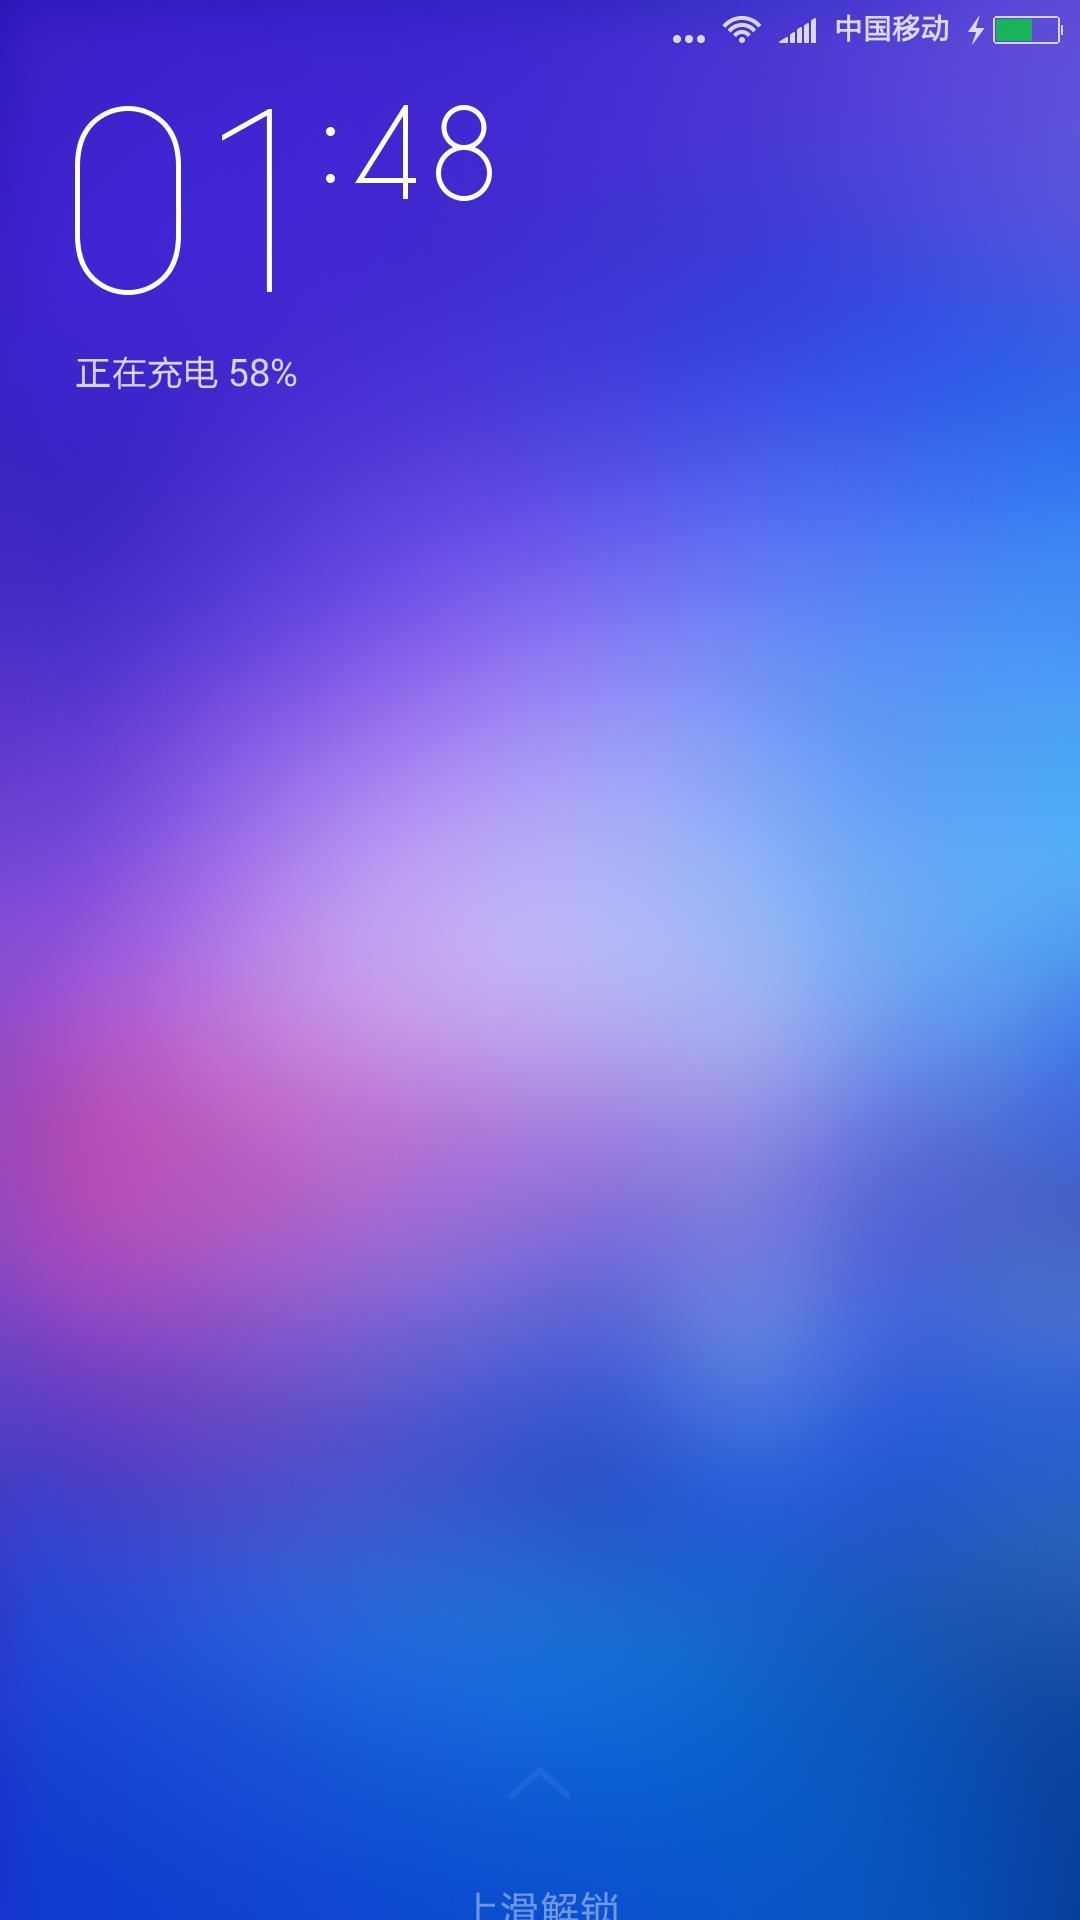 壁纸 风景 天空 桌面 1080